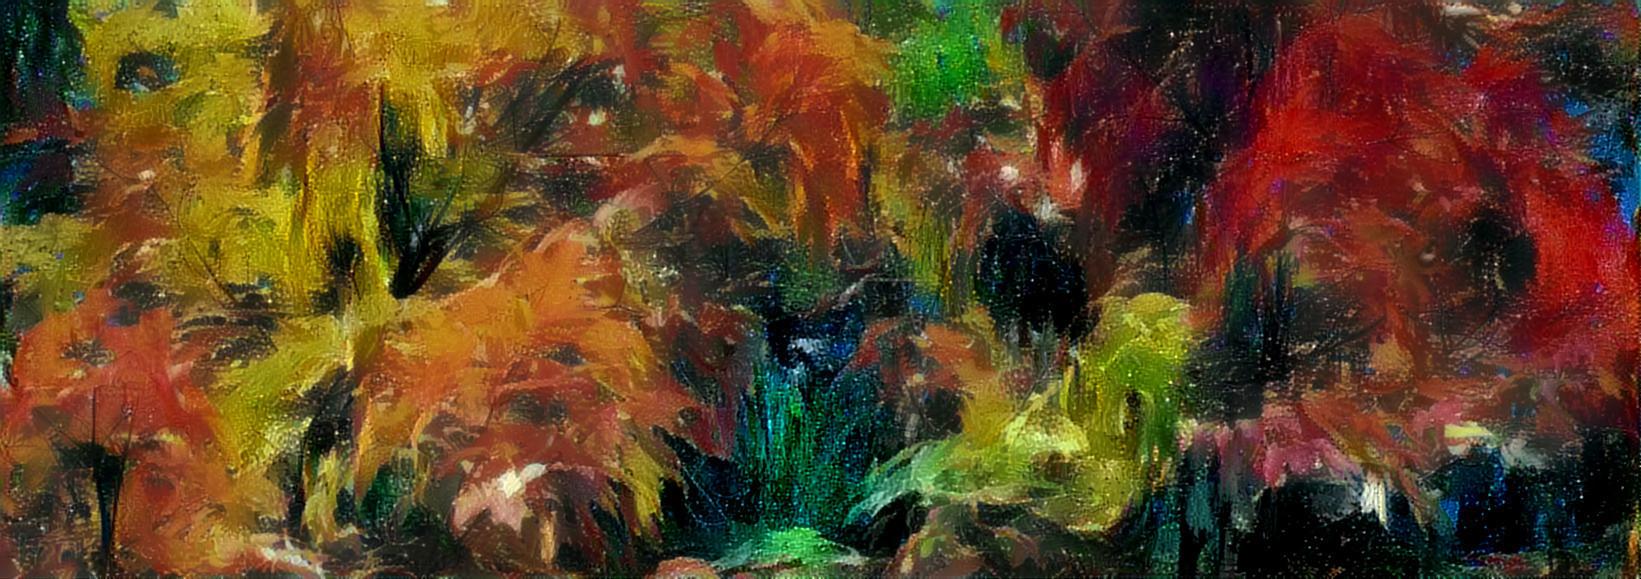 1999.9. 낙엽.jpg